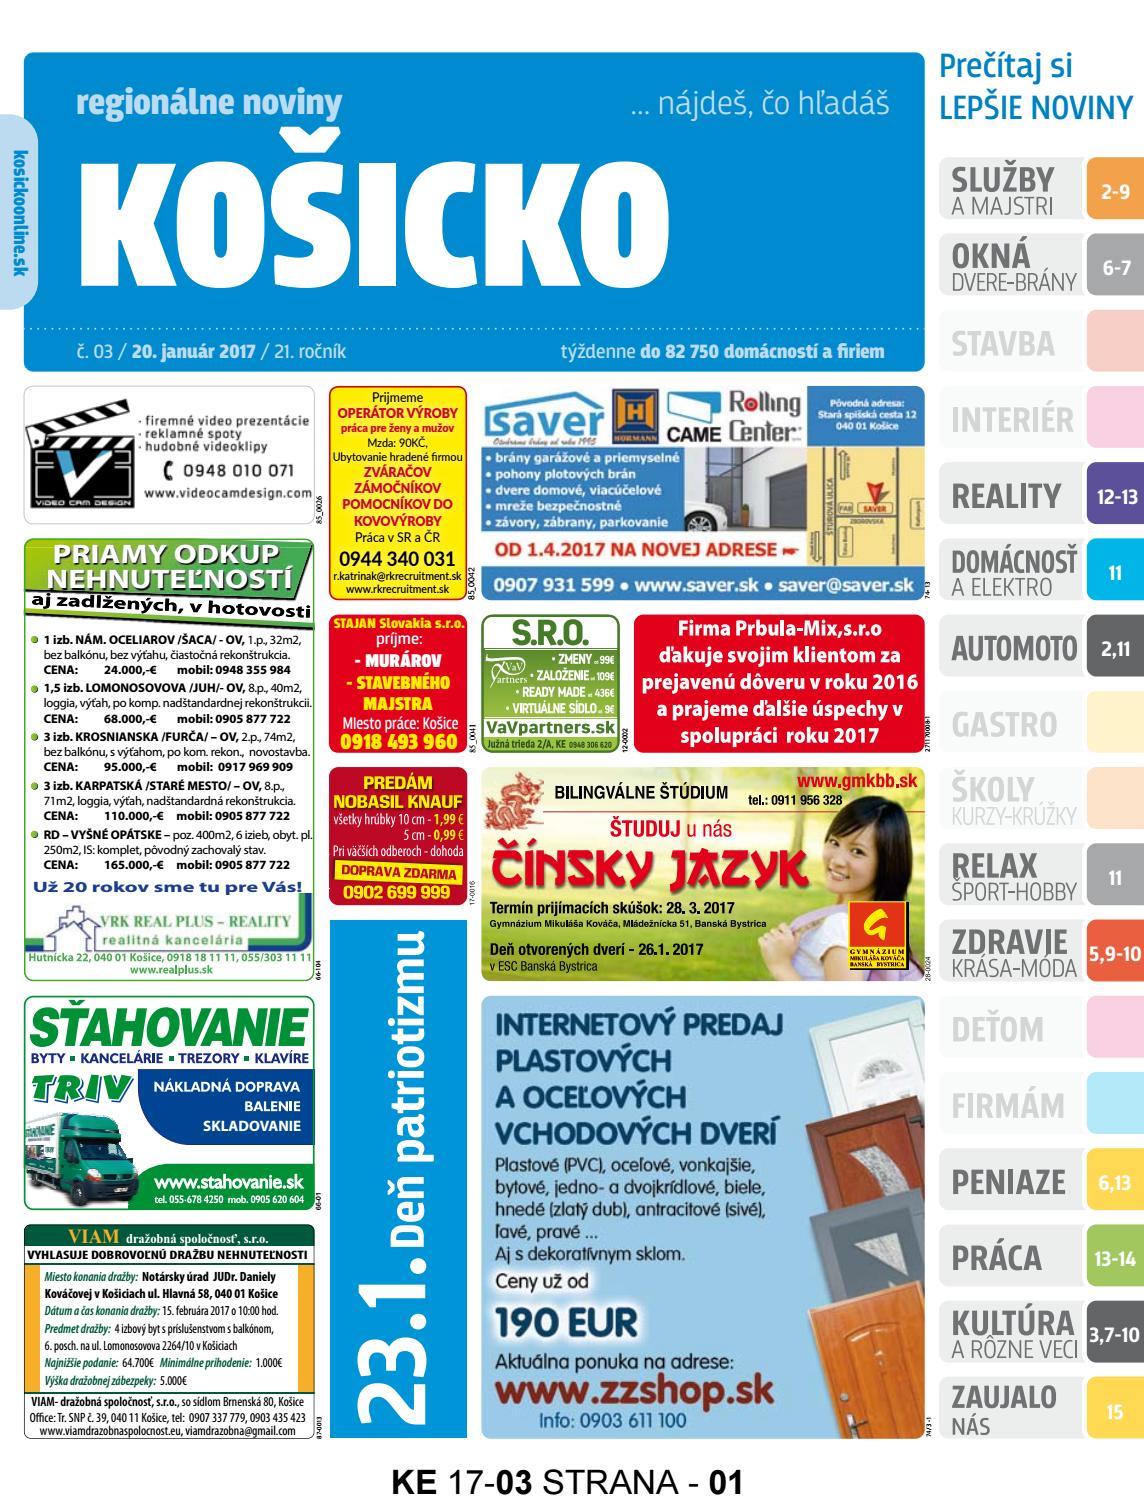 Zoznamka agentúra v Nikolaev